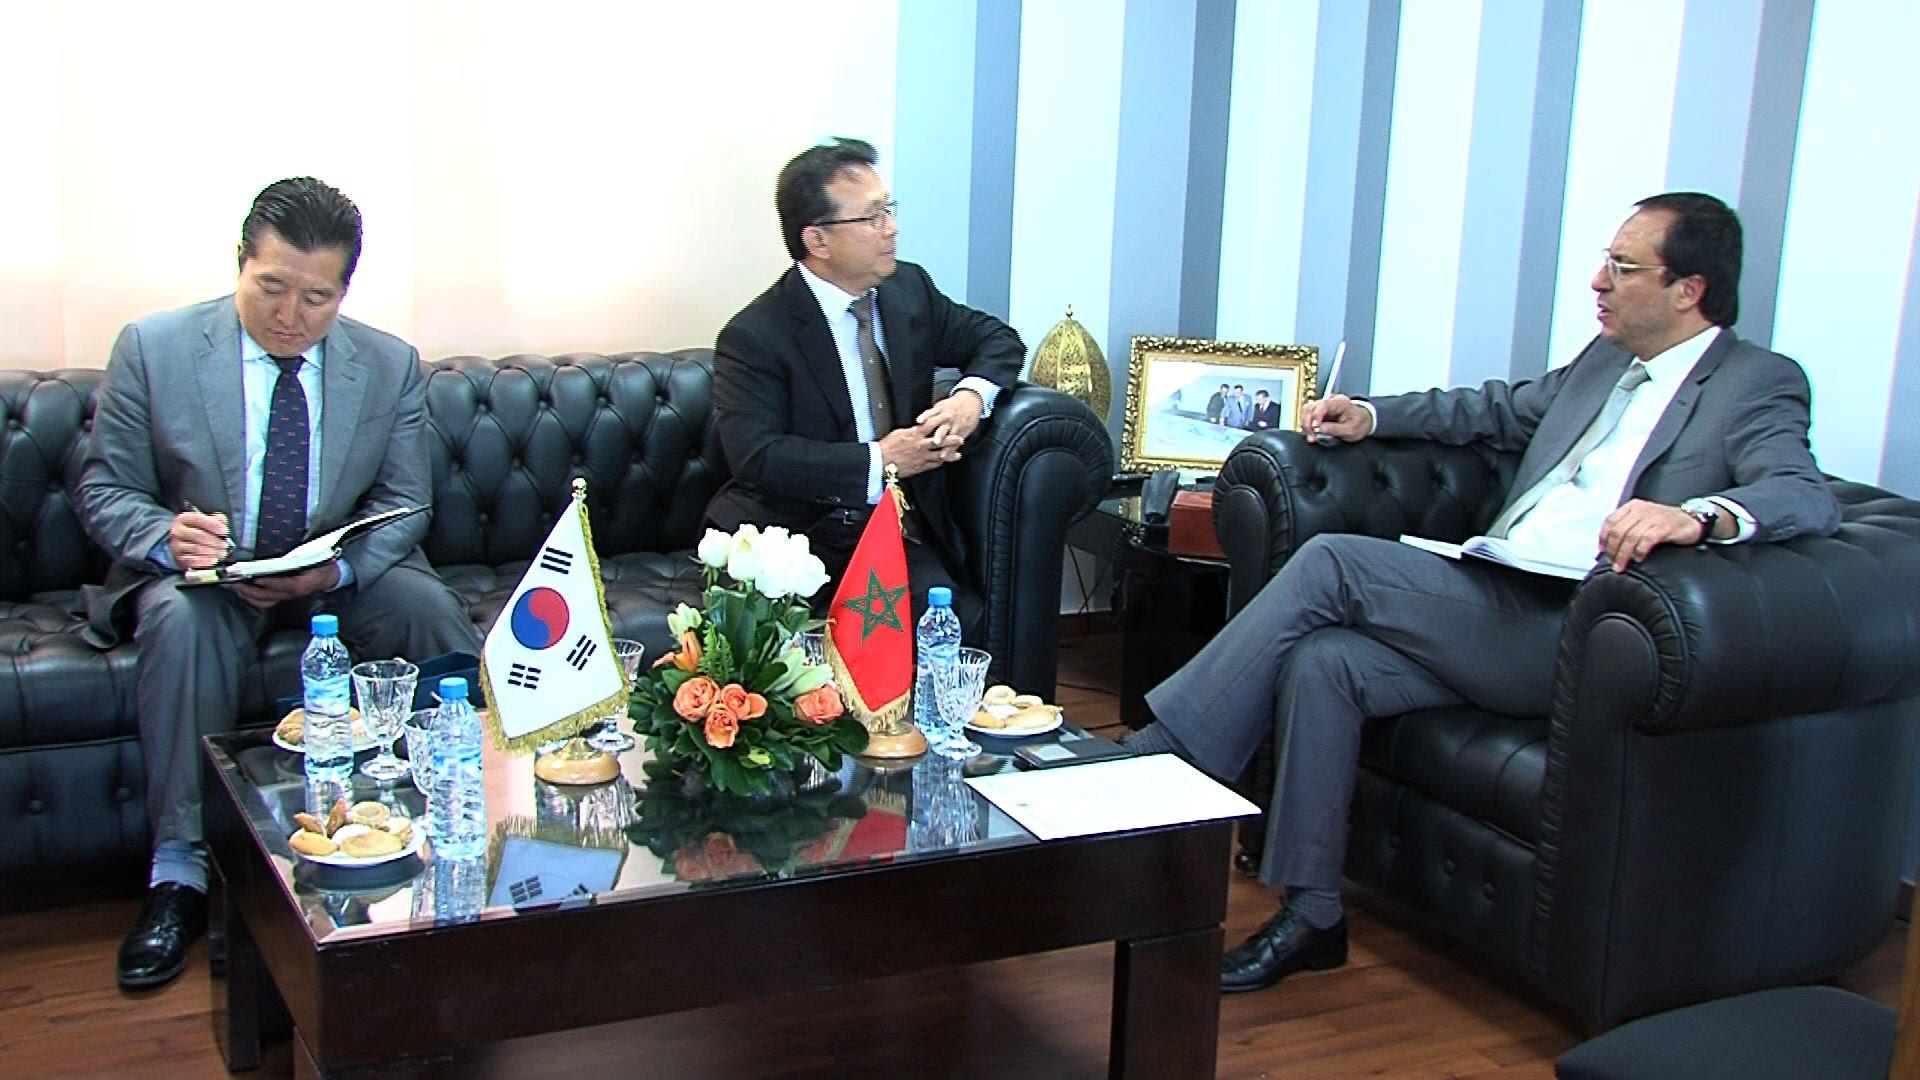 Le Maroc et la Corée du Sud consolidation leur coopération économique